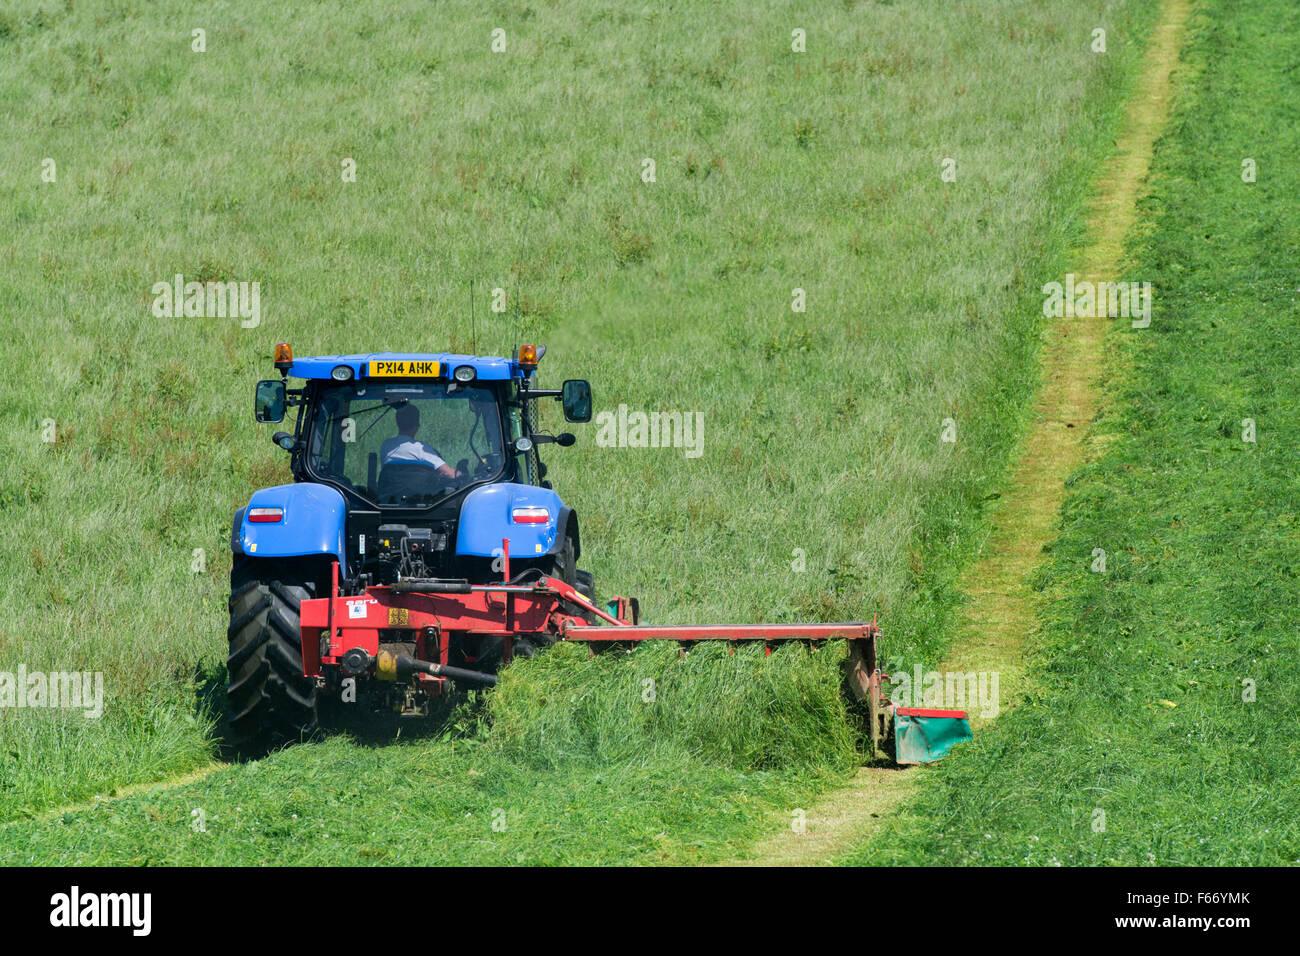 Mähen einer Wiese mit einem New Holland T7 Traktor mit Kvernland Front- und Seitenairbags Mähaufbereiter Stockbild